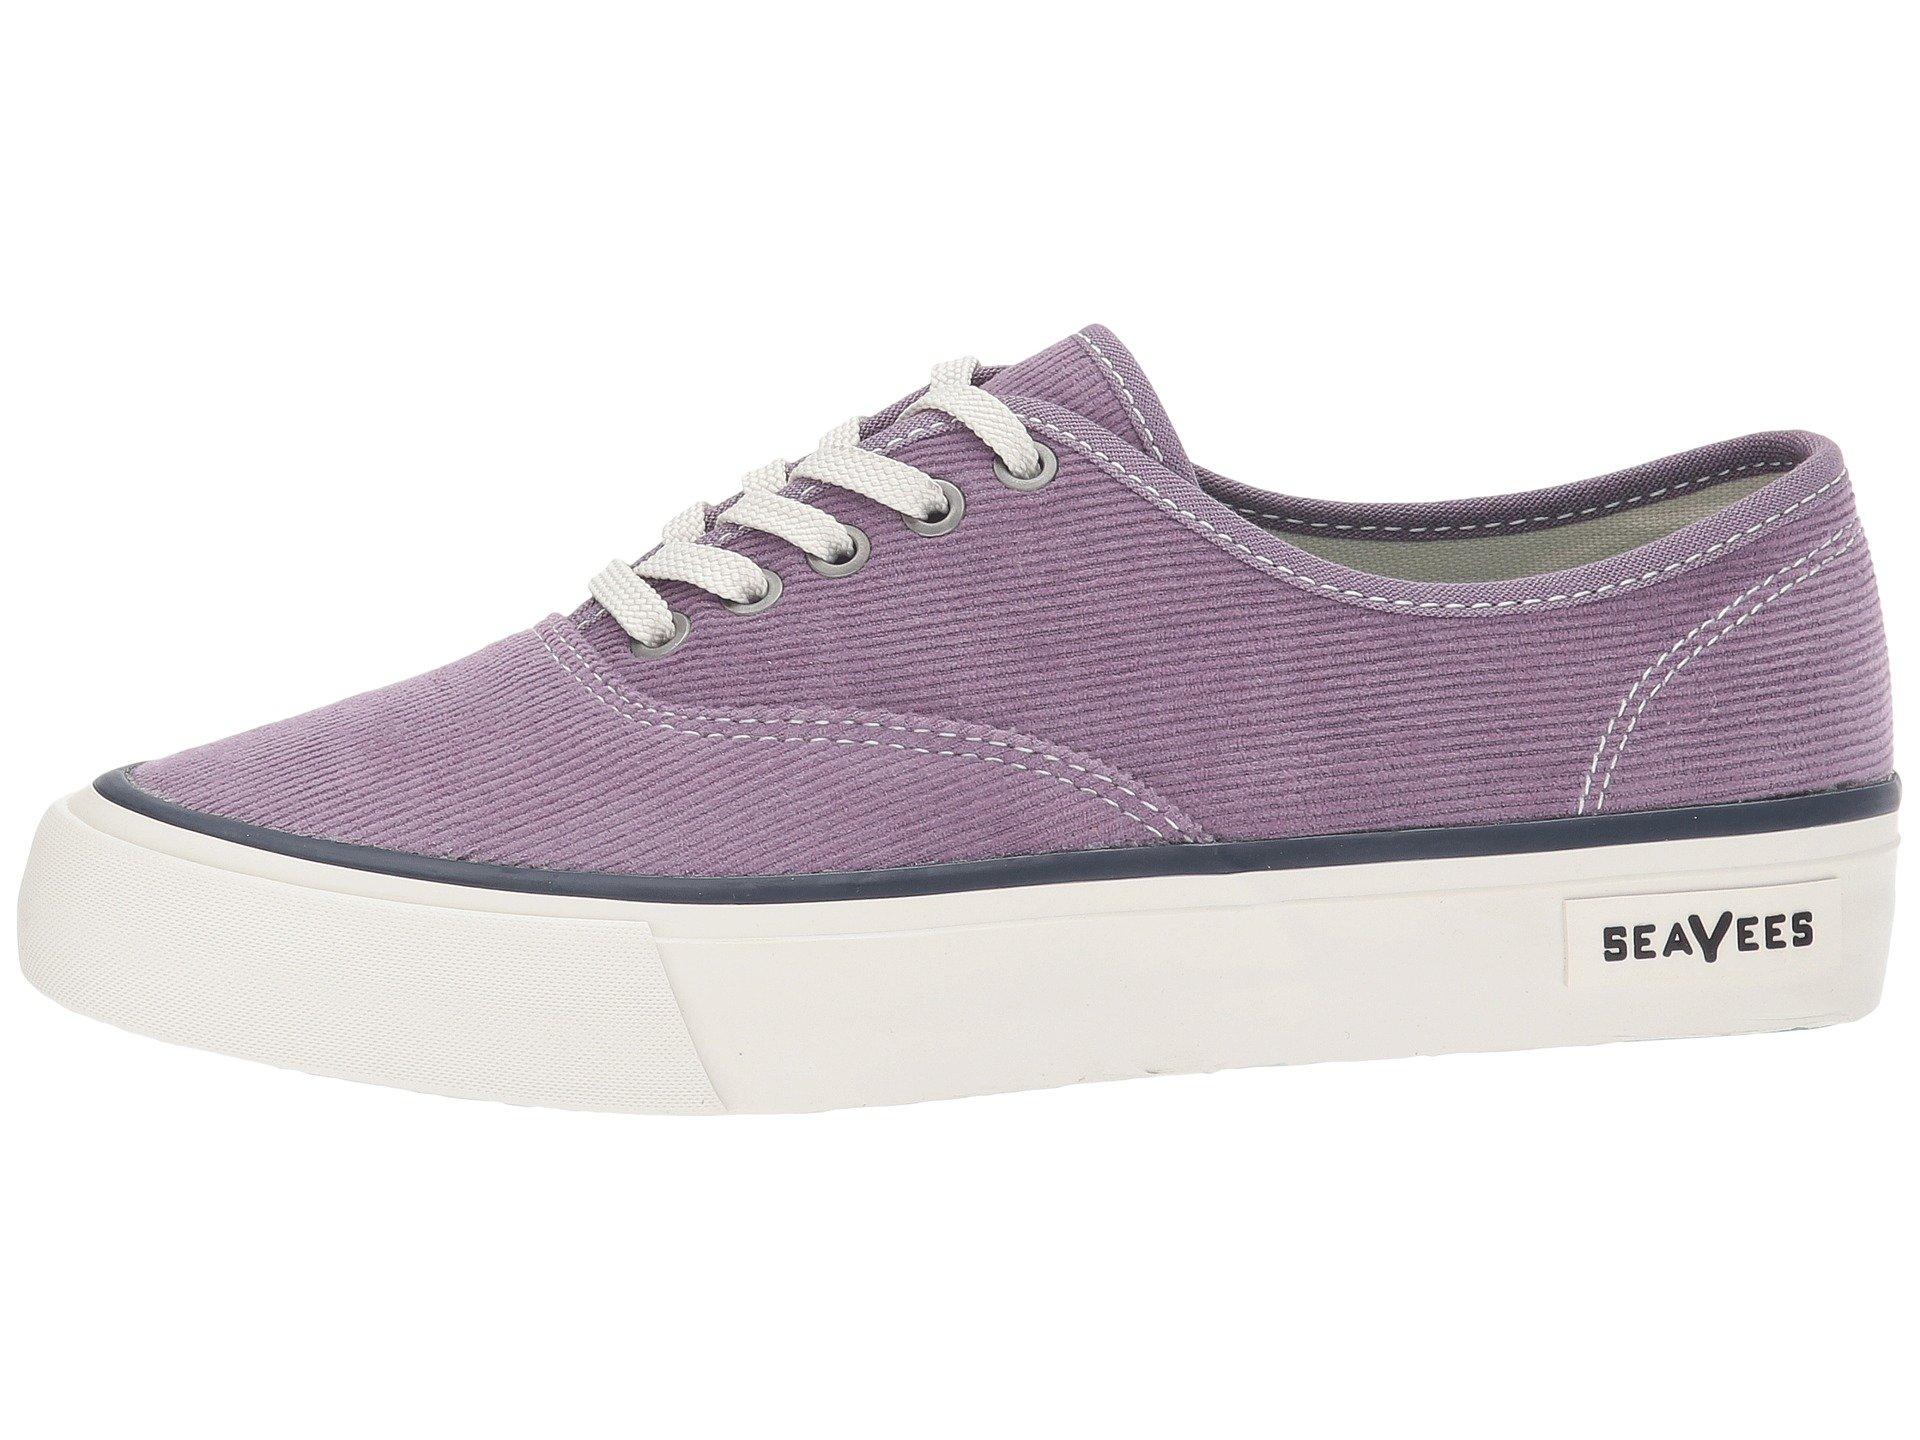 SeaVees Legend Sneaker Cordies Varsity 9xr6l